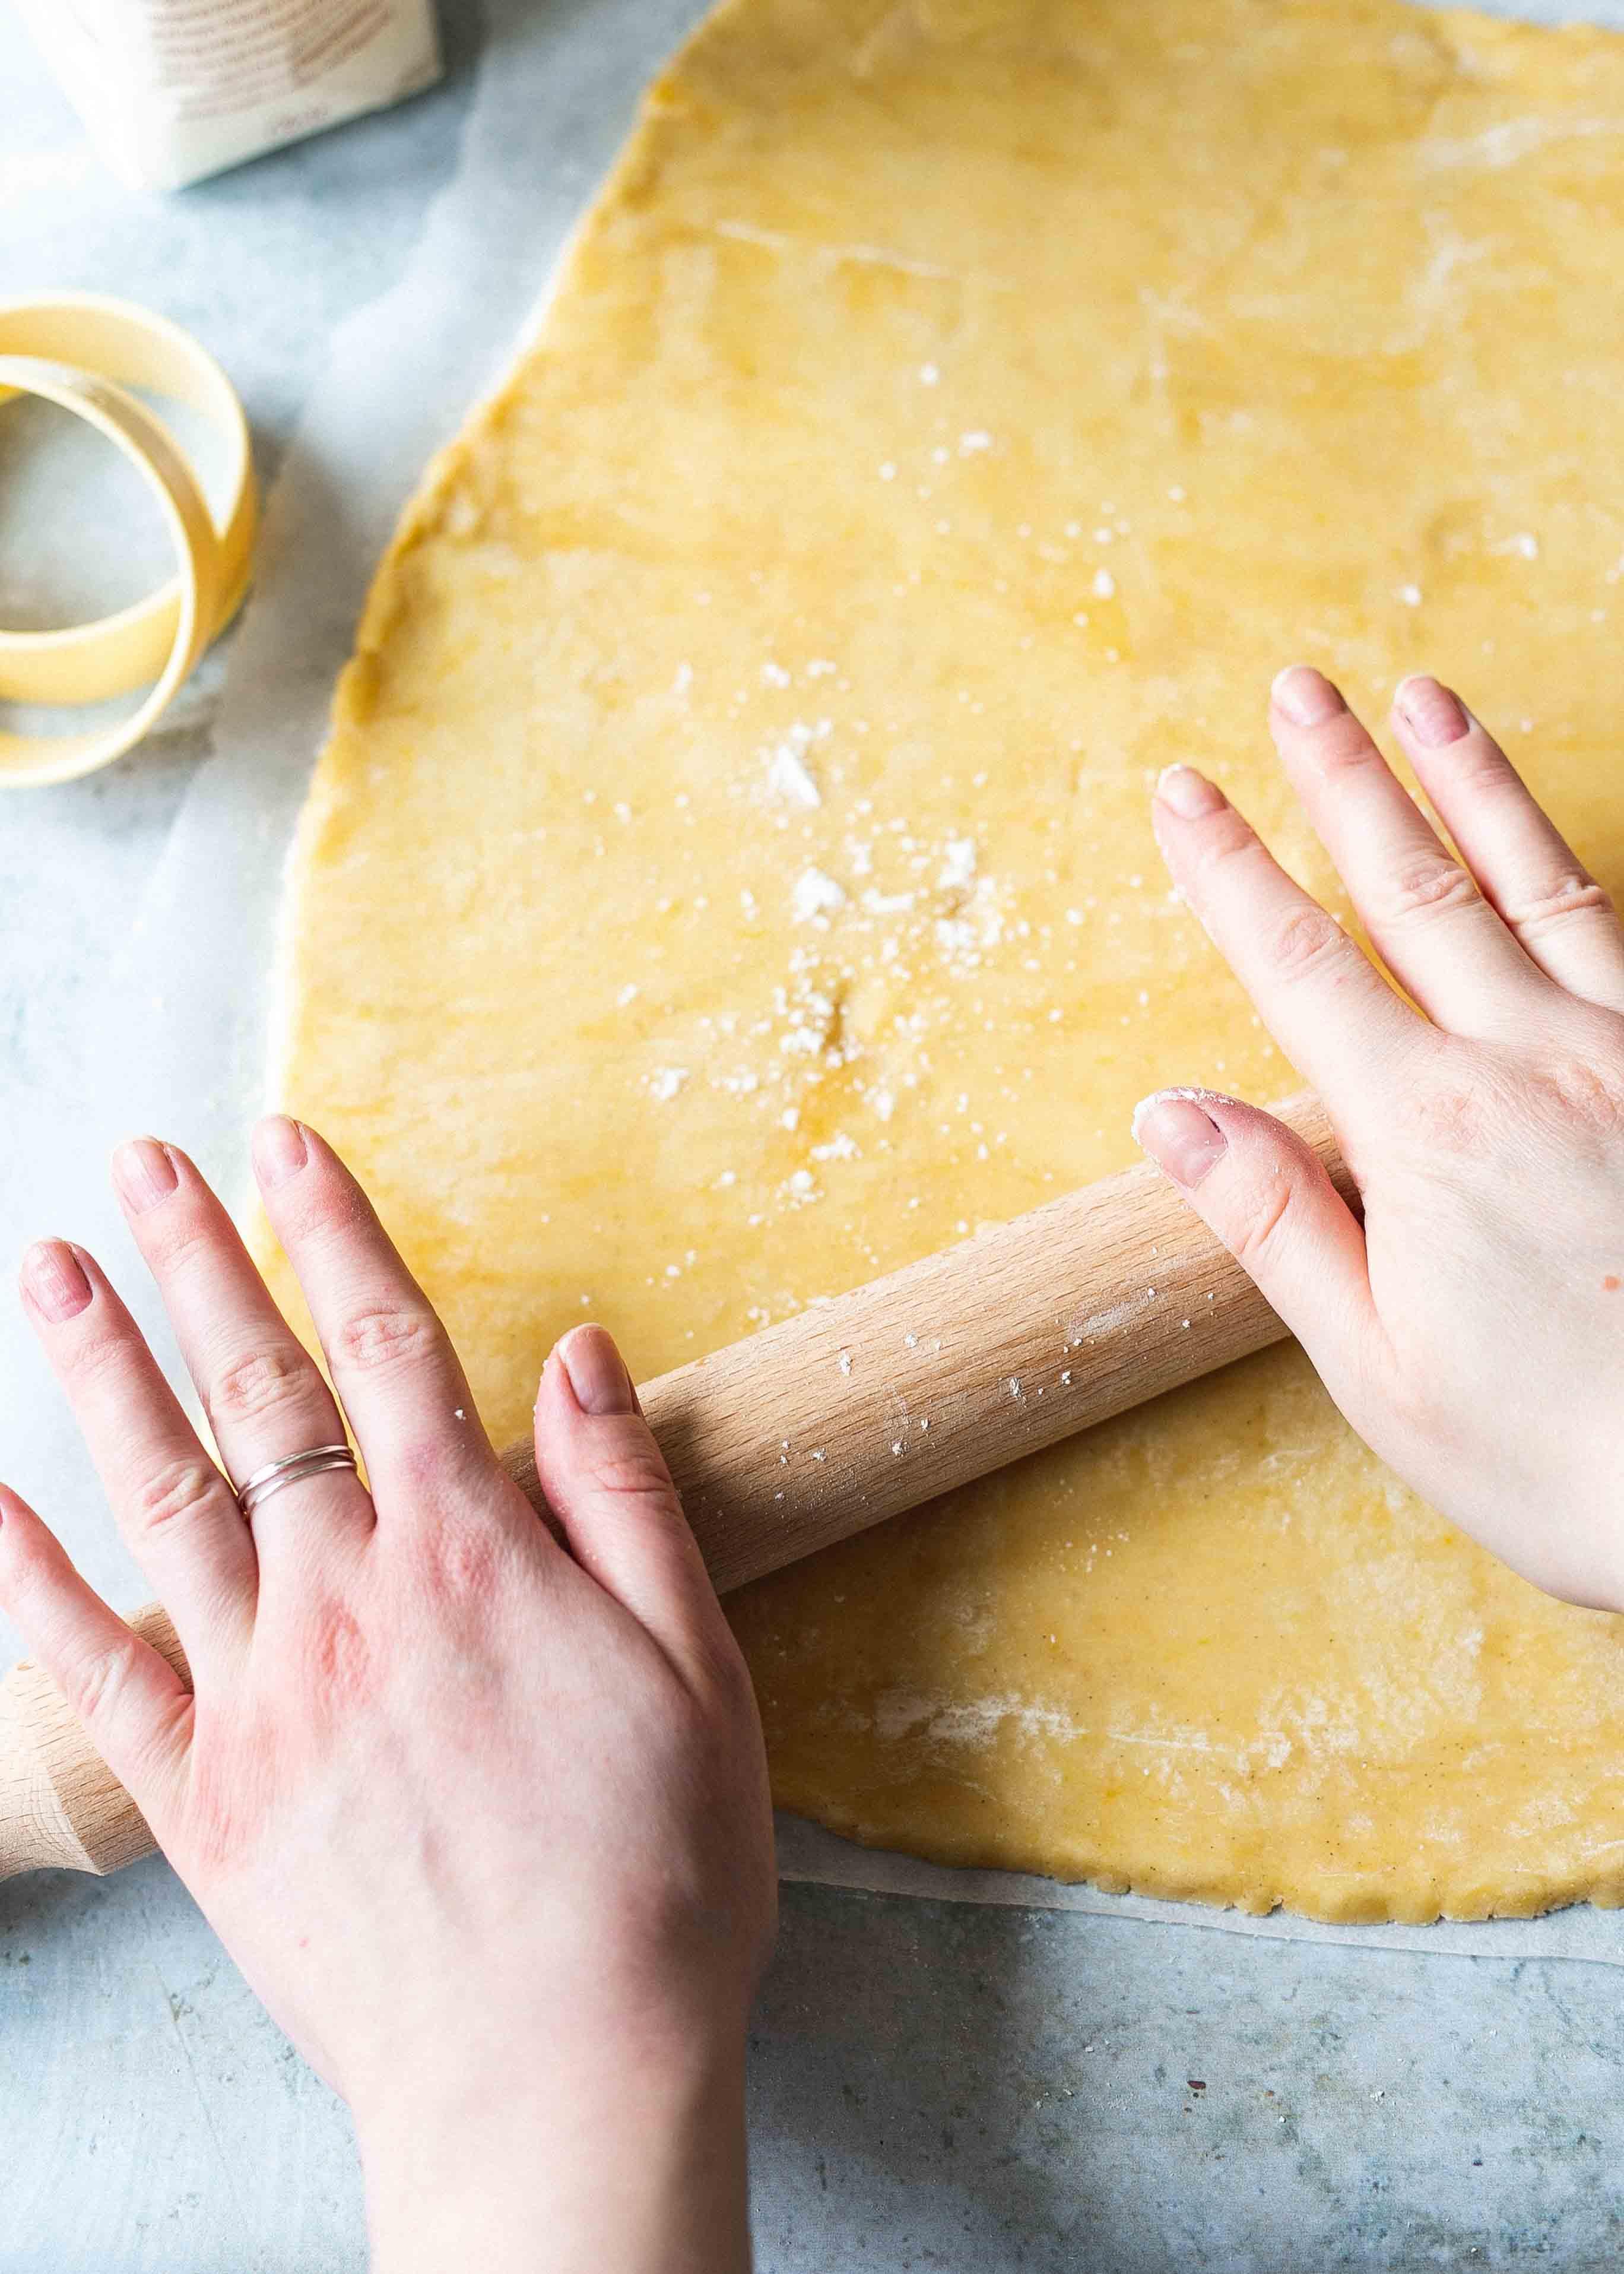 Rolling gluten free shortbread dough